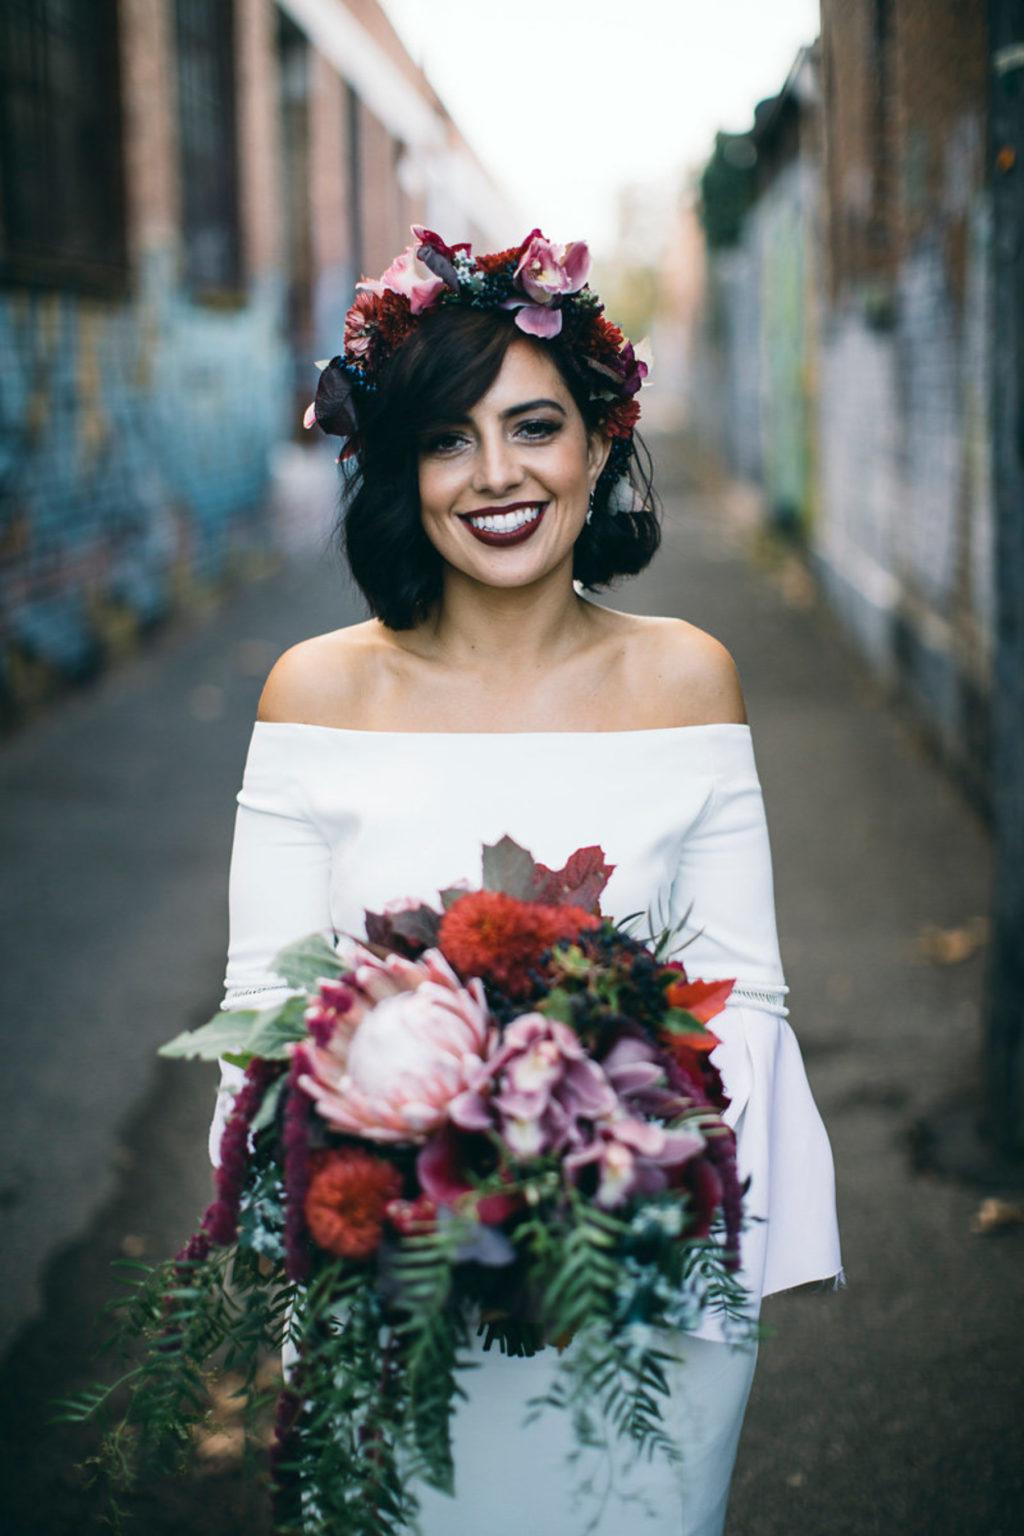 Mái tóc rất đỗi ngọt ngào với những bông hoa cài đầy duyên dáng